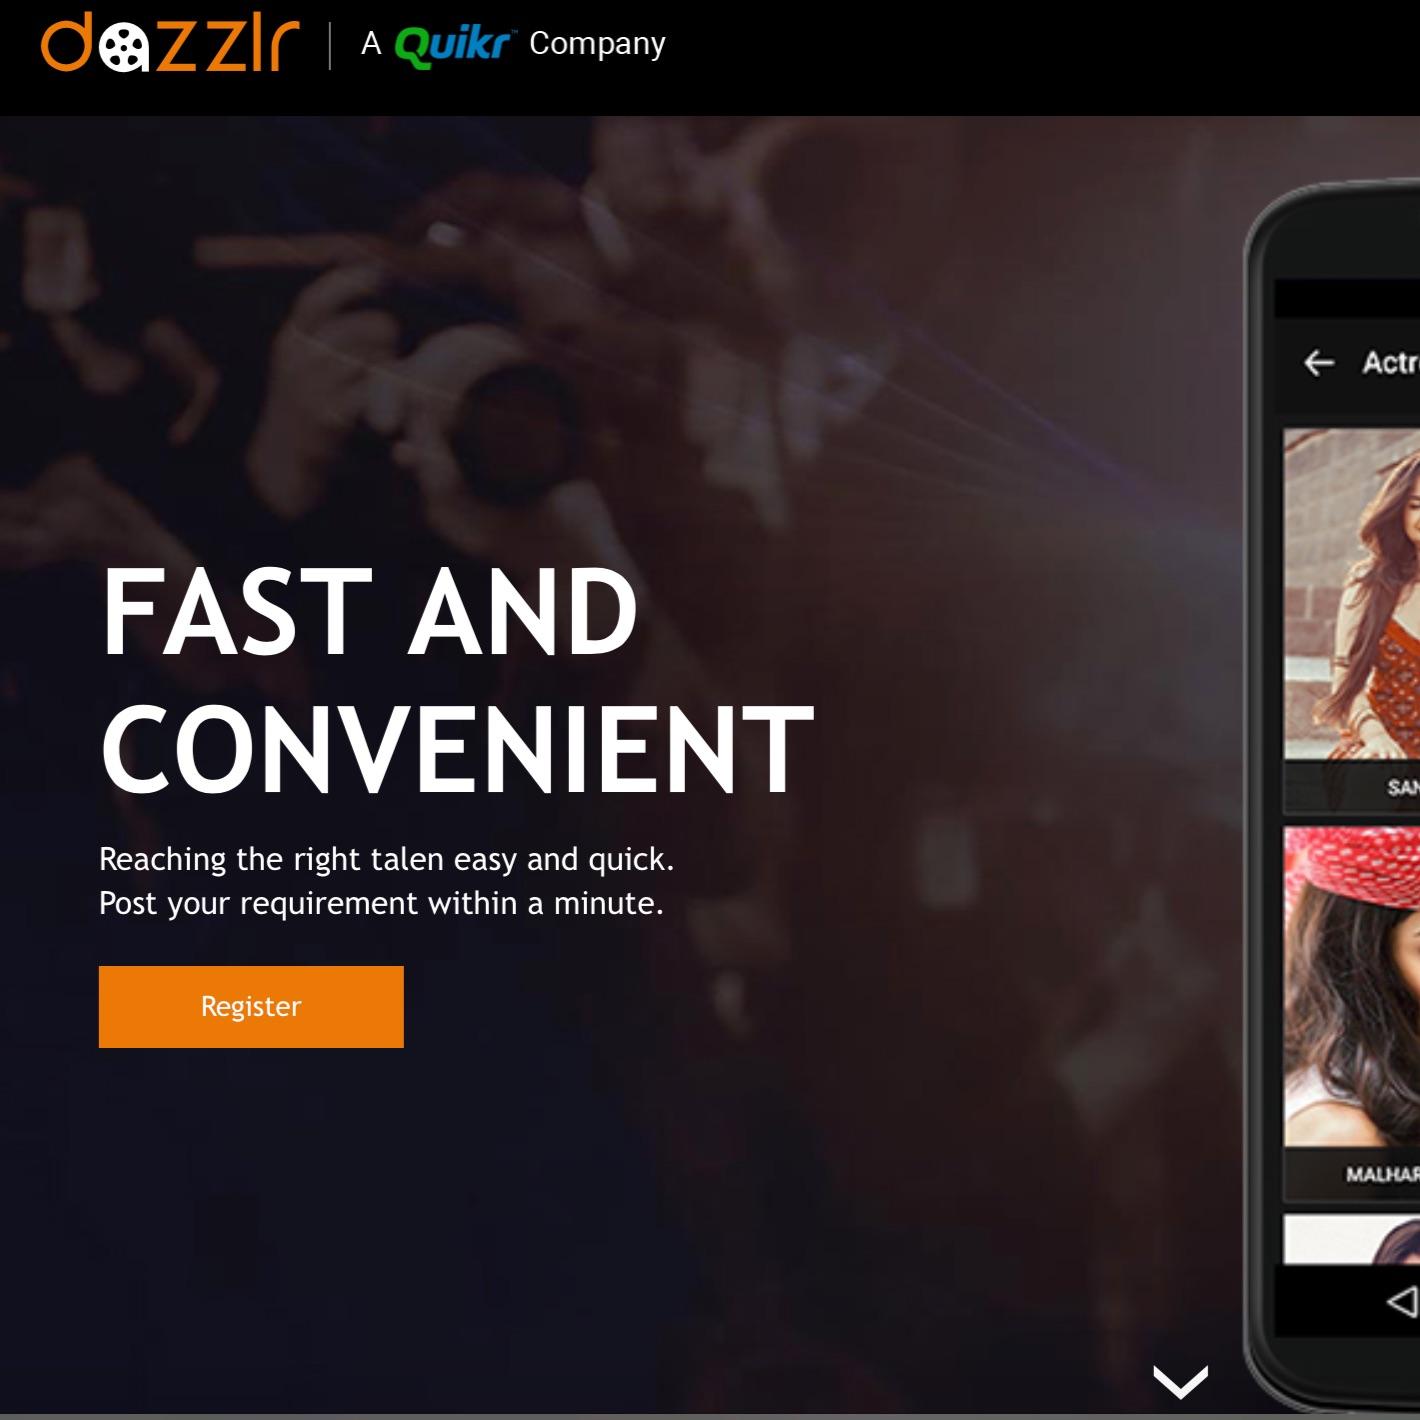 Vivek Bohra - Co-Founder of Casting network Dazzlr